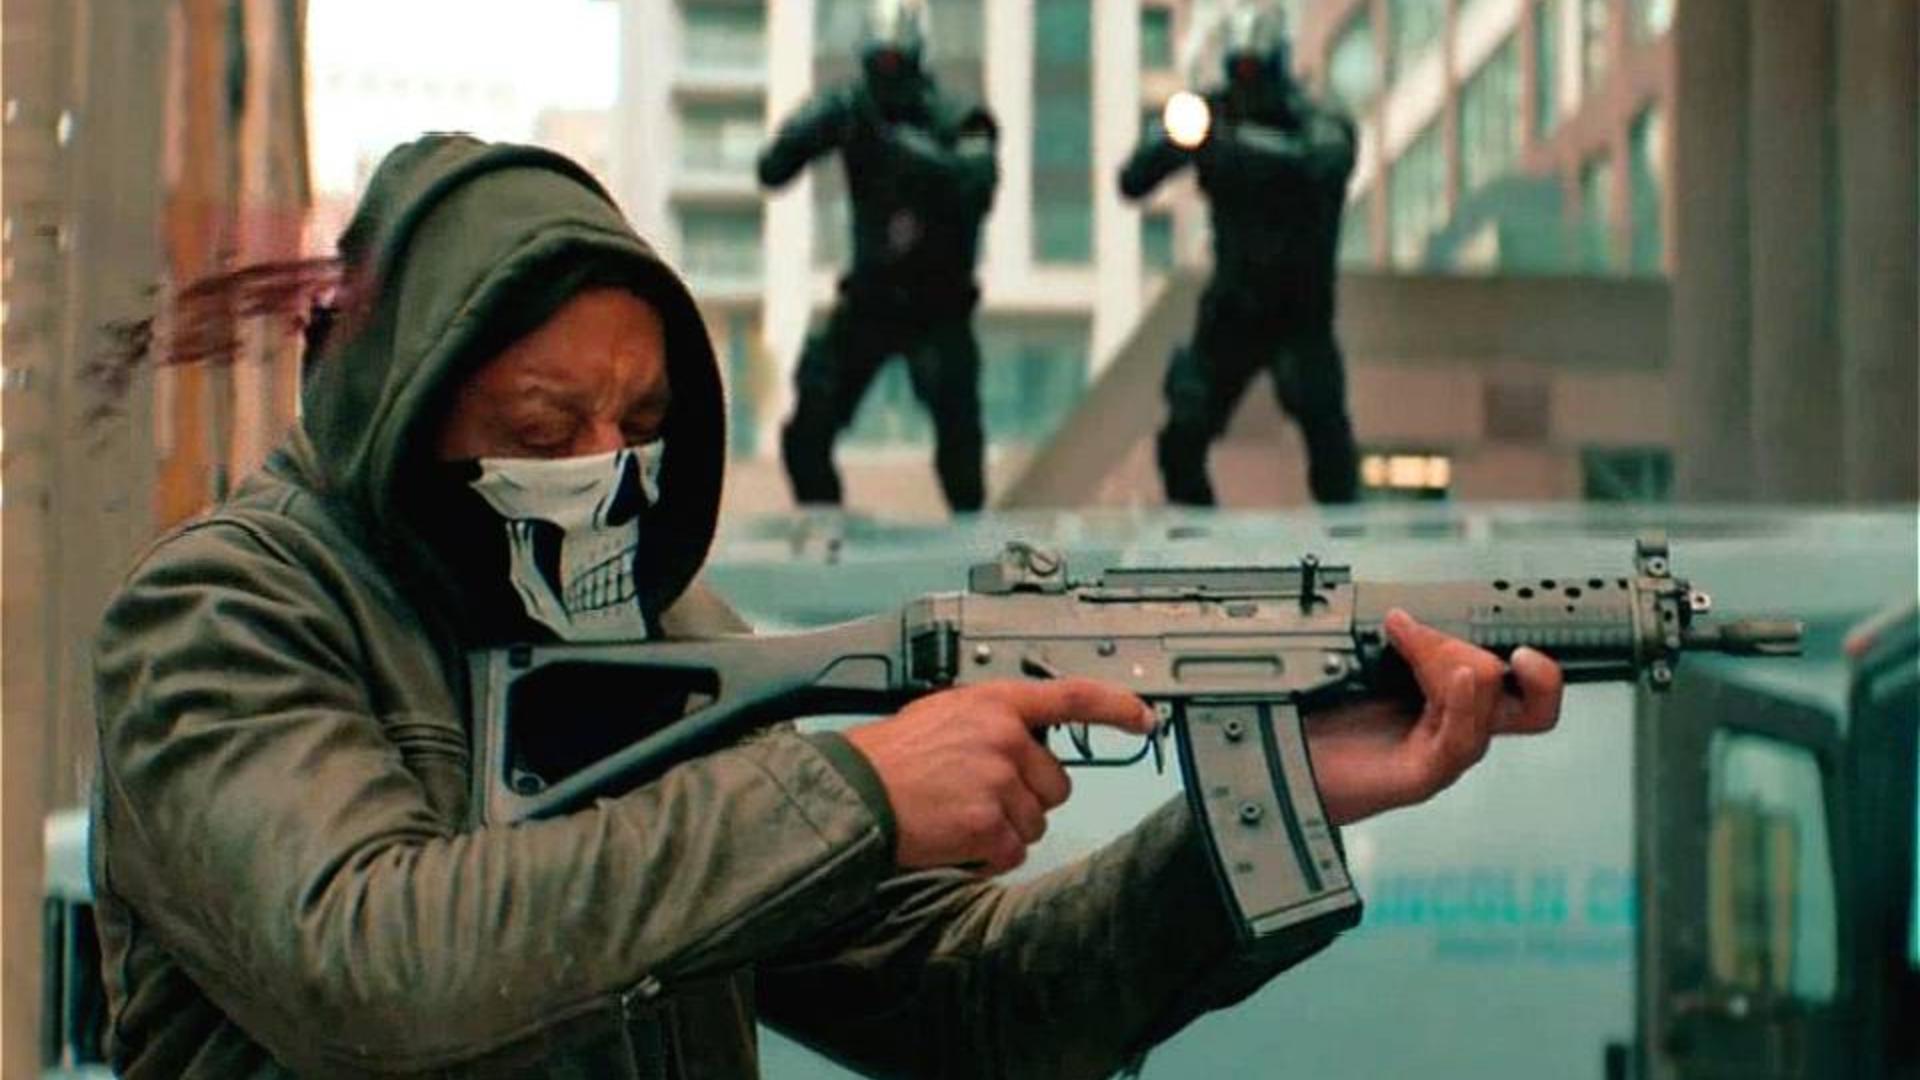 2019年劲爆科幻动作大片《八号警戒》,人类族群 超能力开始觉醒 ,机械警察屠杀超能力者!152期